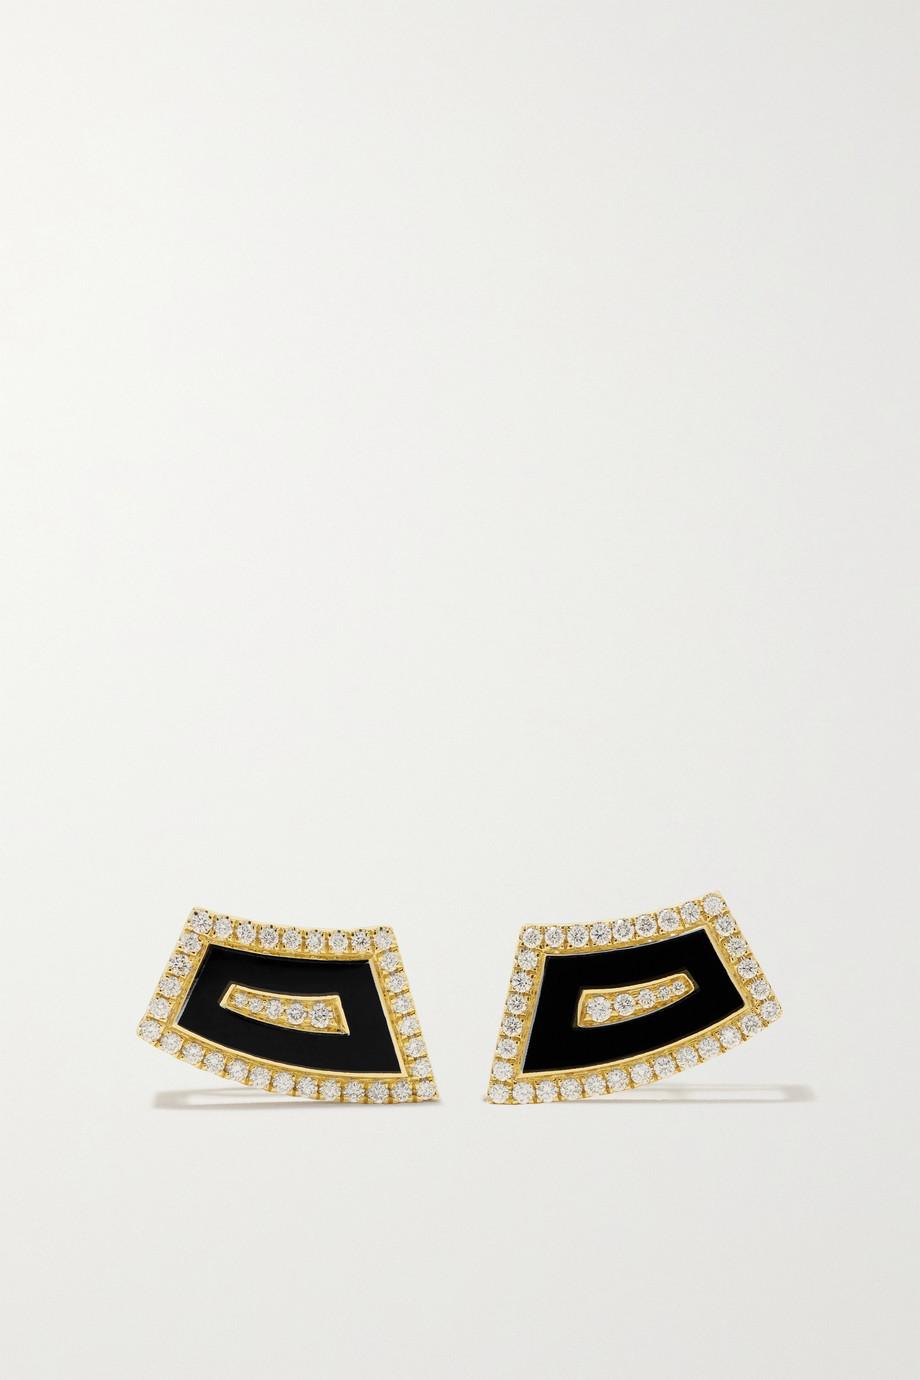 State Property Boucles d'oreilles en or 18 carats, émail et diamants Tabei